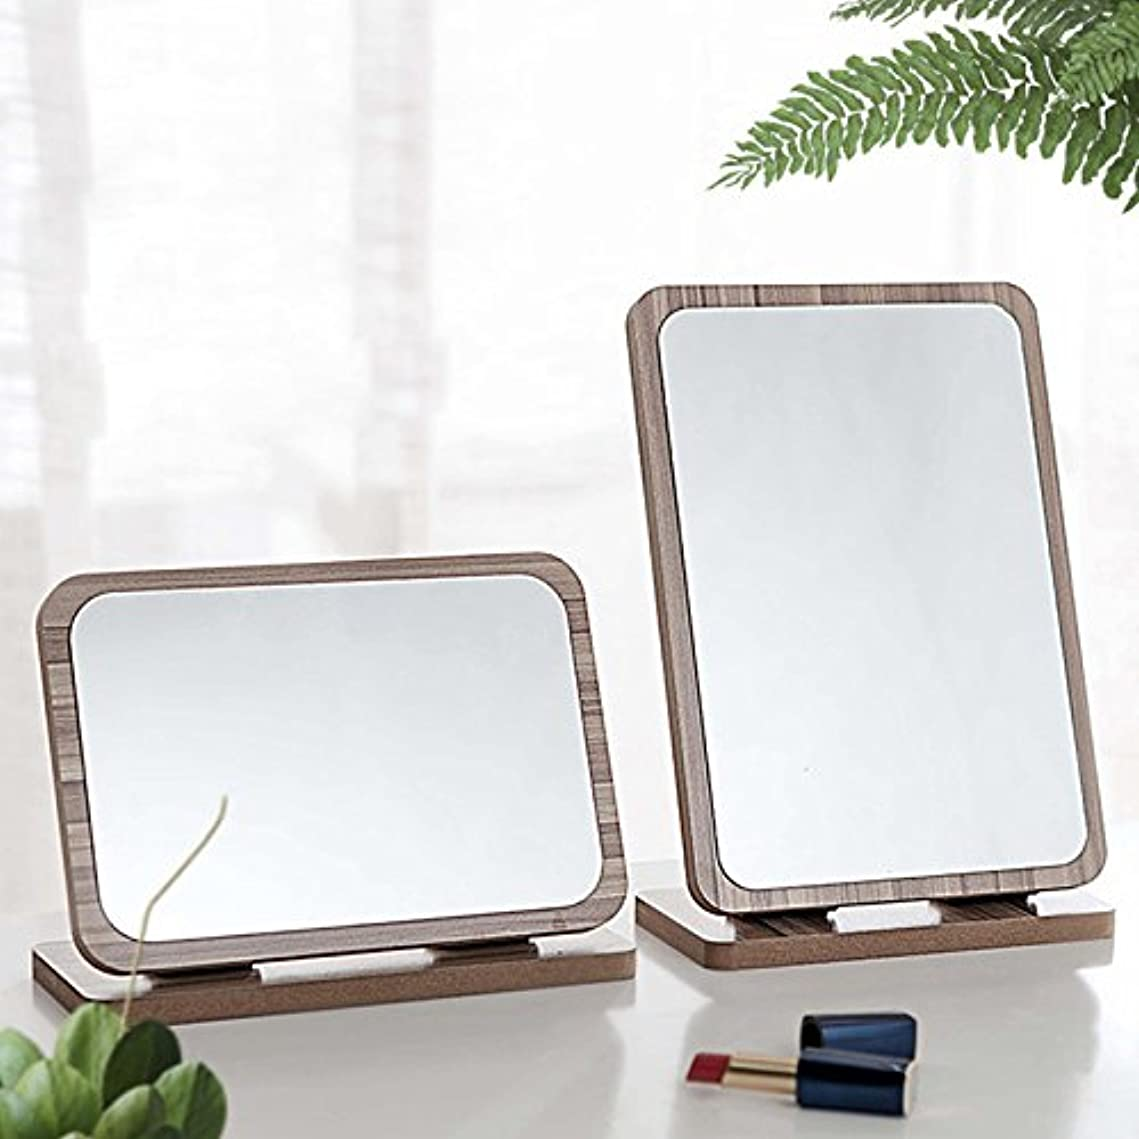 センチメートル病気液化するYZUEYT デスクトップ木製の化粧鏡3倍拡大180度回転ポータブルバニティバスルームメイクツール YZUEYT (Color : NO. 10#)